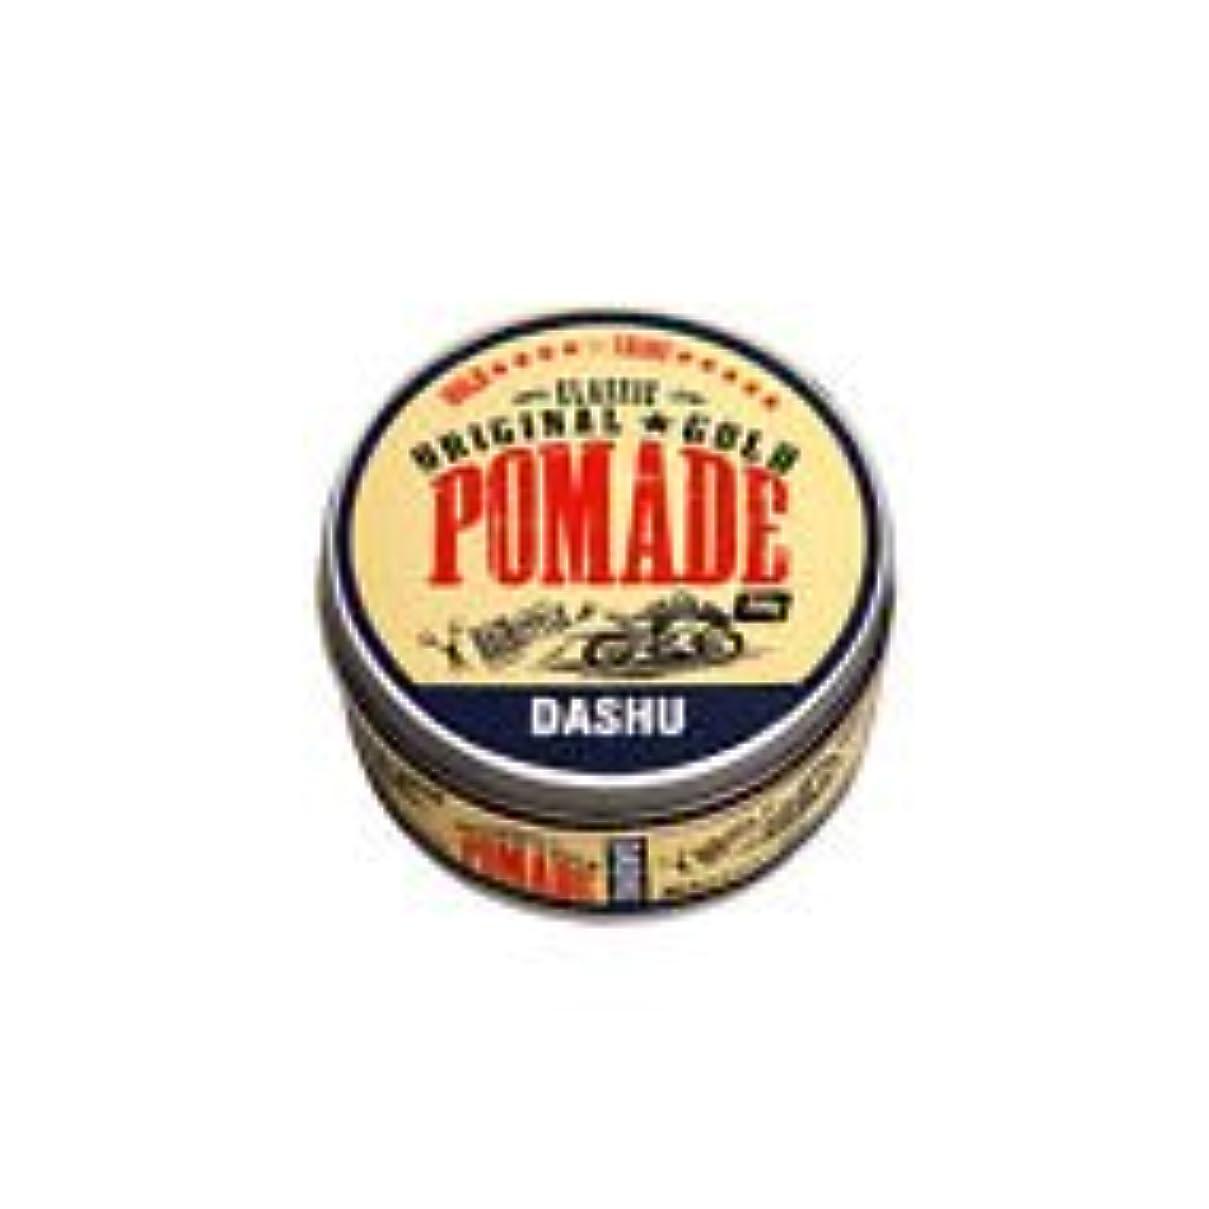 ミシン目食器棚ゴシップ[DASHU] ダシュ クラシックオリジナルゴールドポマードヘアワックス Classic Original Gold Pomade Hair Wax 100ml / 韓国製 . 韓国直送品